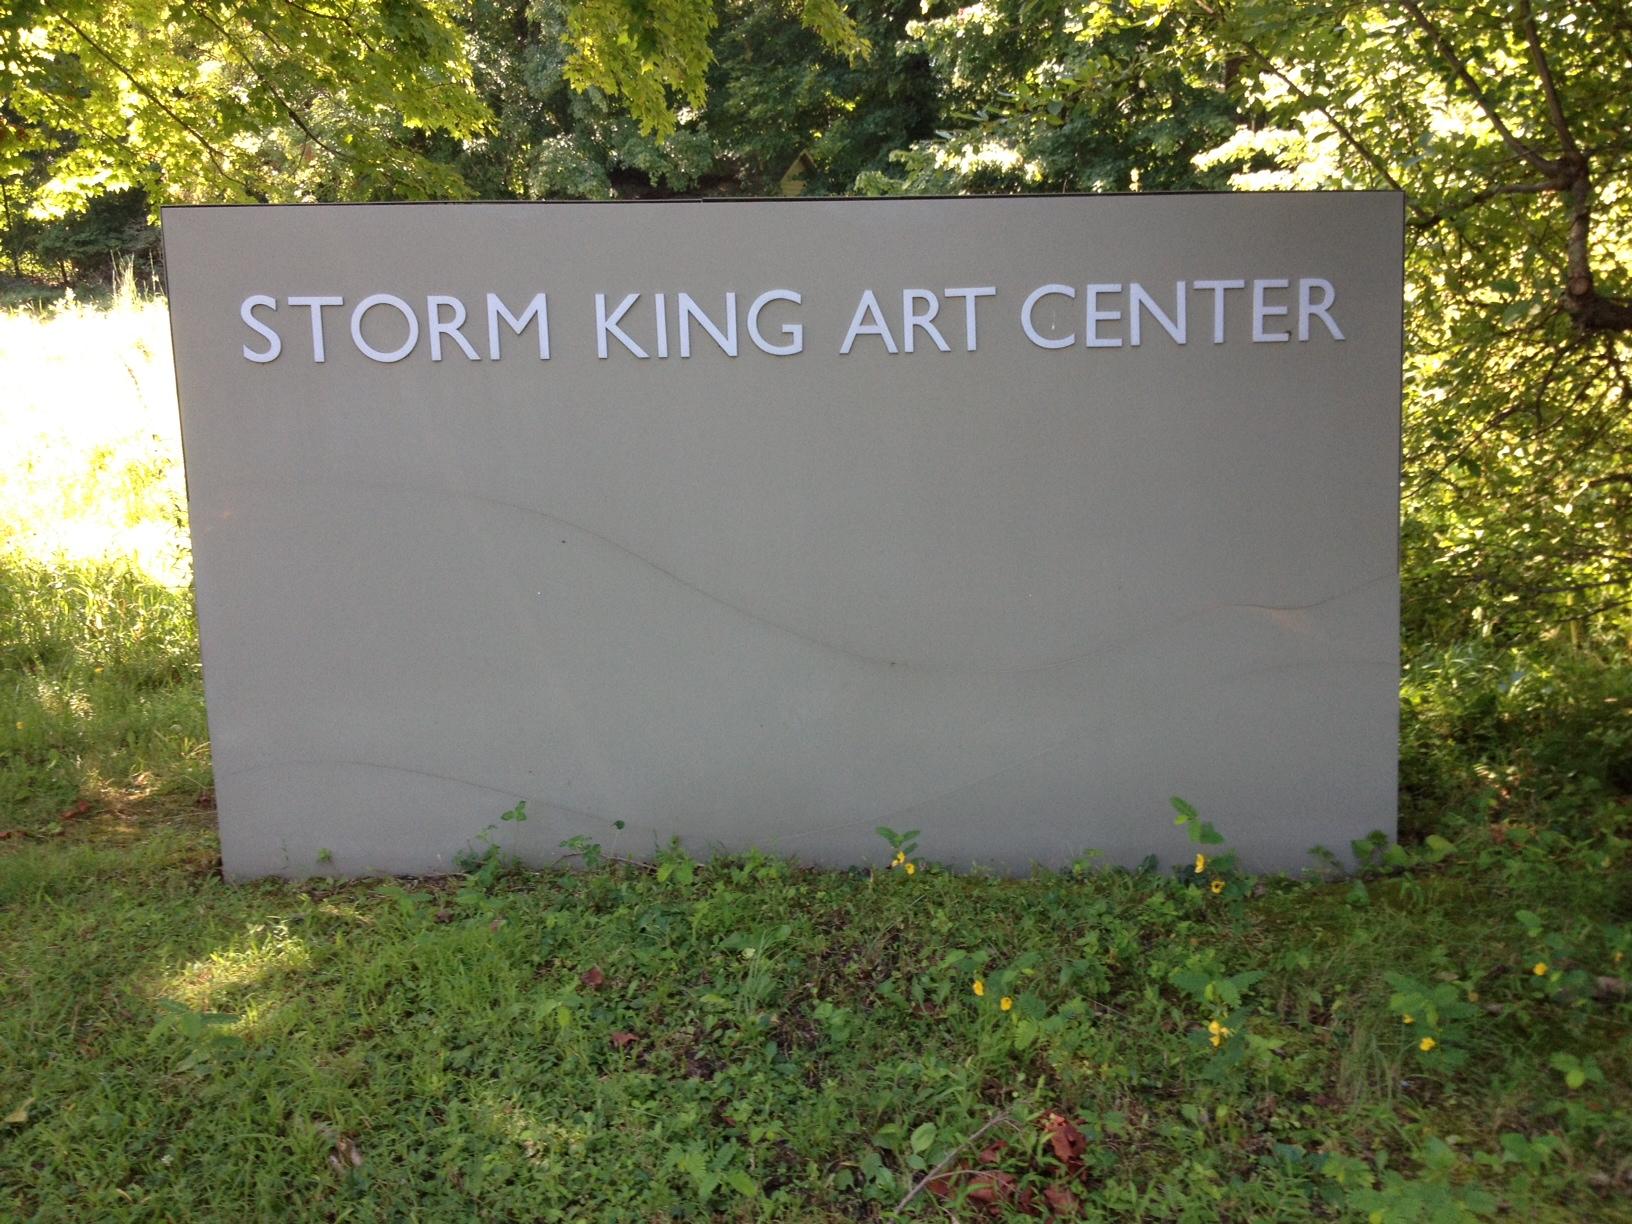 Storm king art center coupons